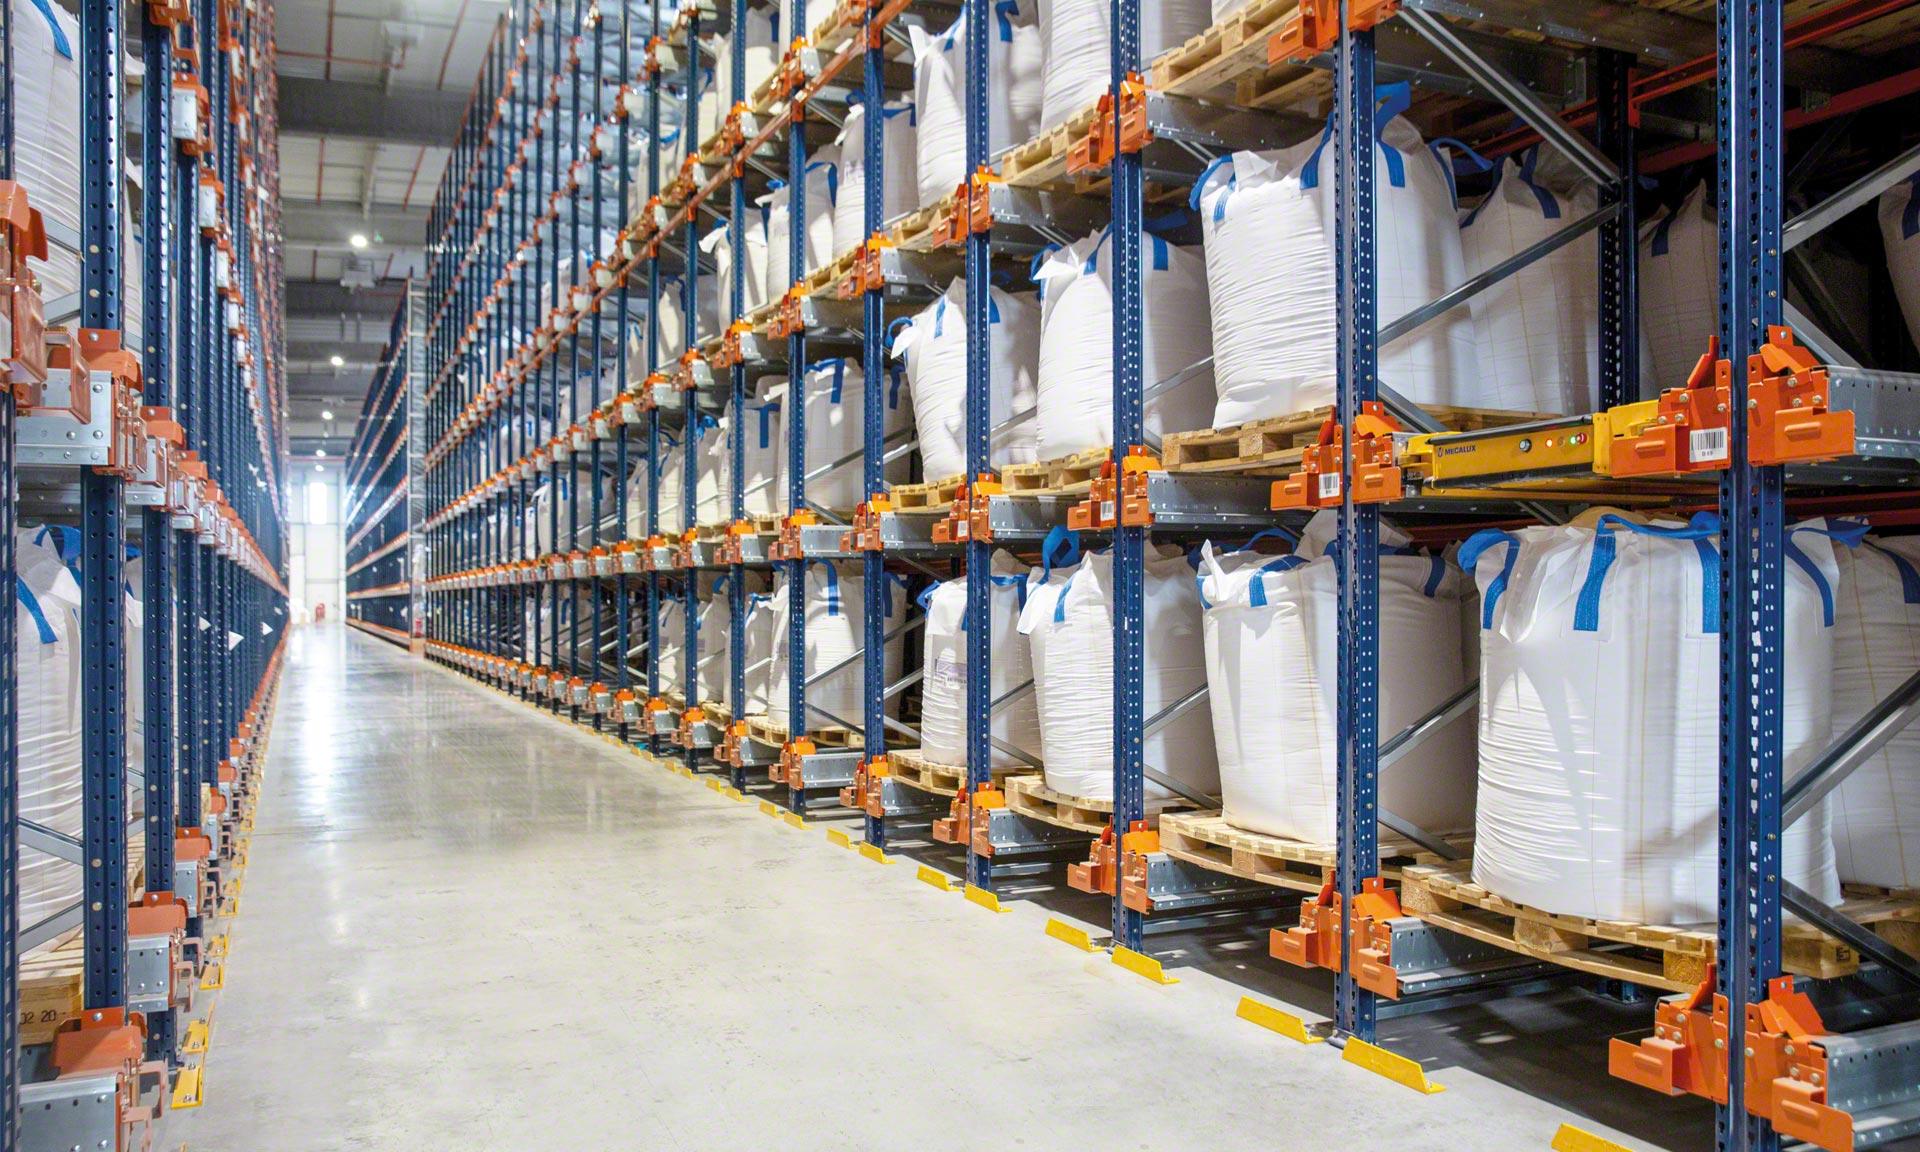 Groupe Bert: Gleiche Lagerkapazität auf 73% weniger Fläche